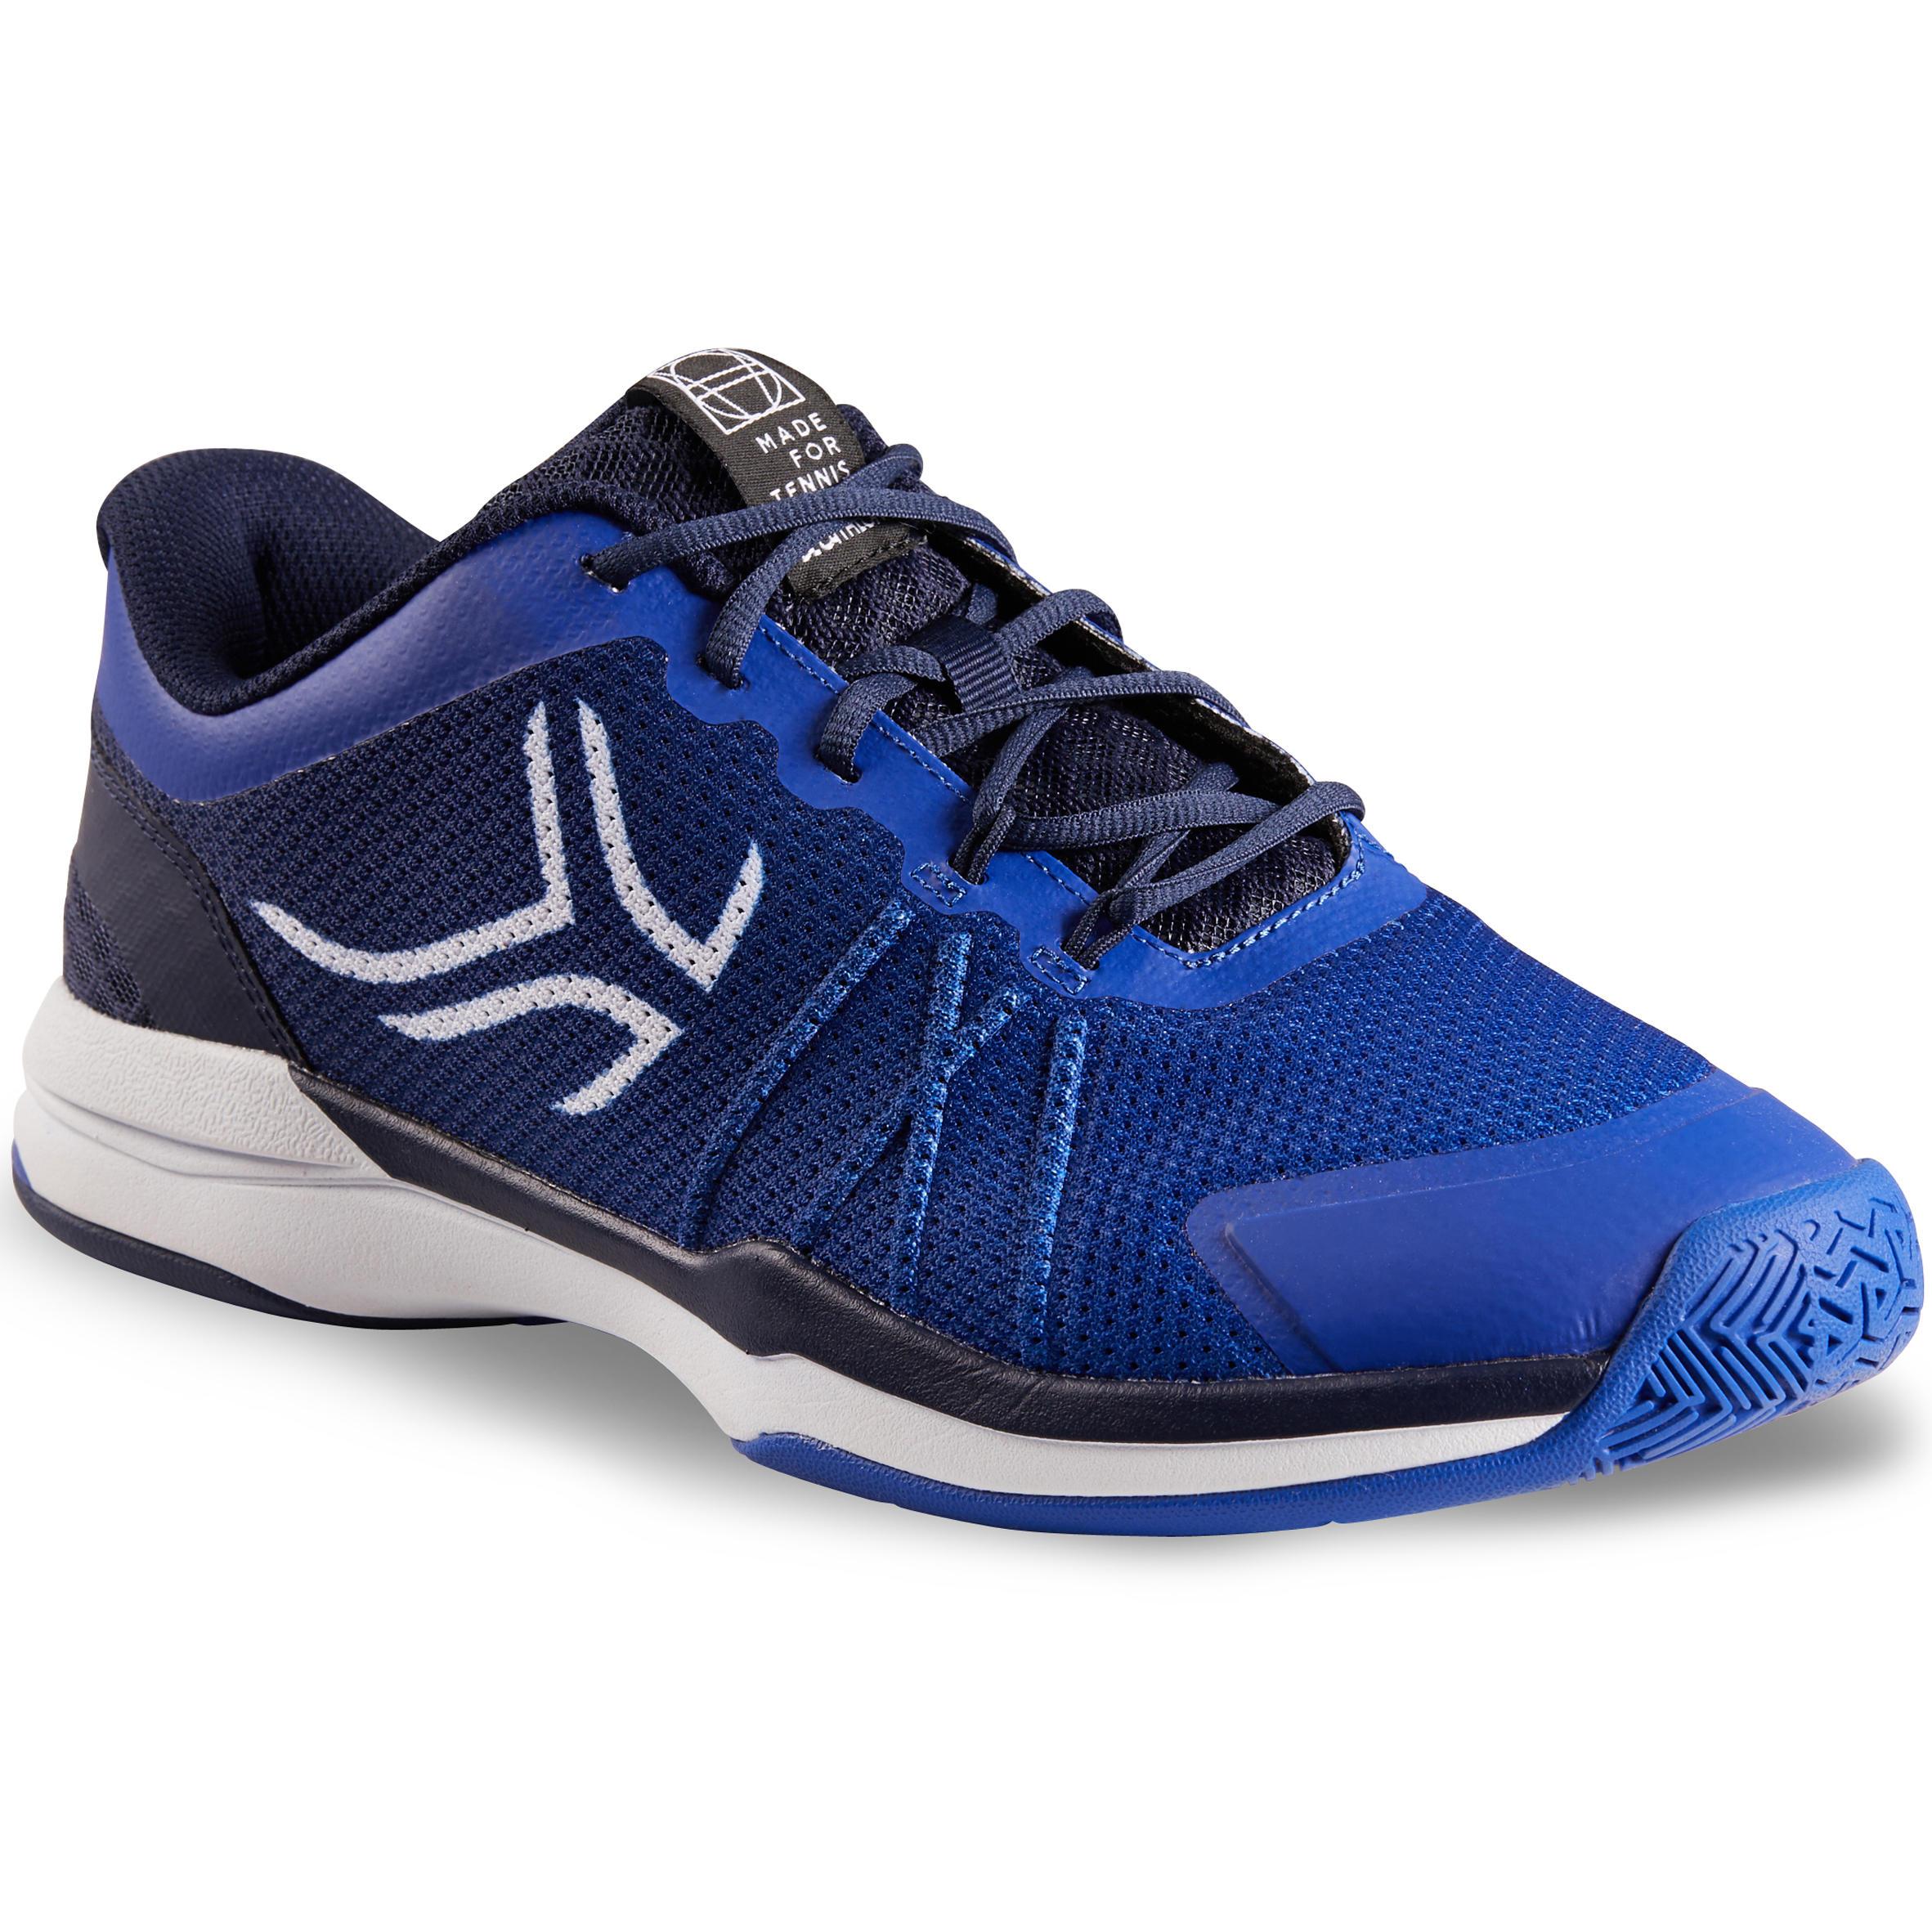 Artengo Tennisschoenen voor heren TS590 blauw multicourt